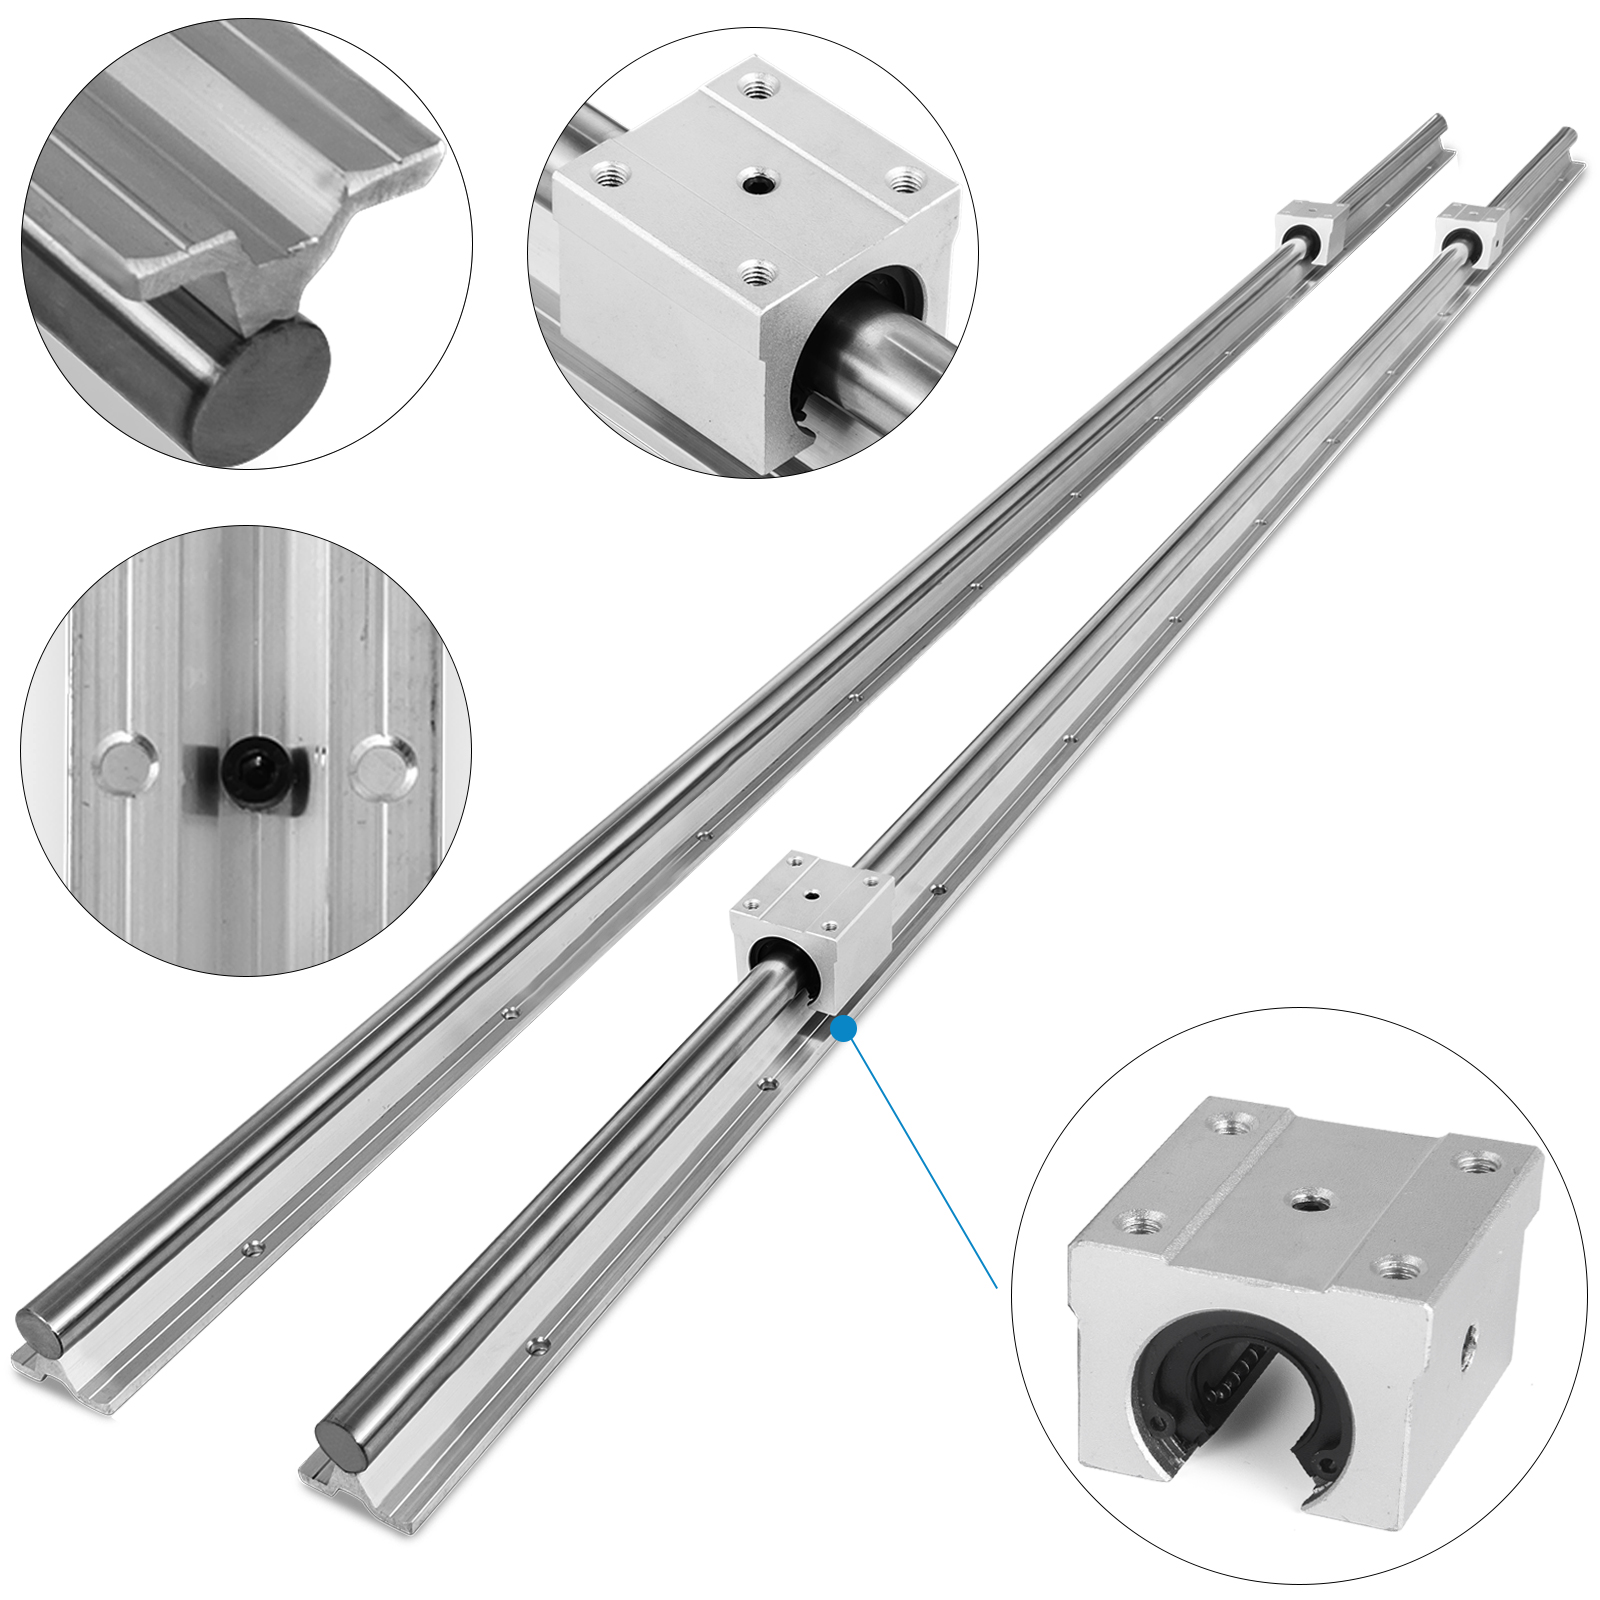 2X SBR20 Linear Rail Shaft Rod 650-2200mm with 4pcs SBR20UU Block Bearing